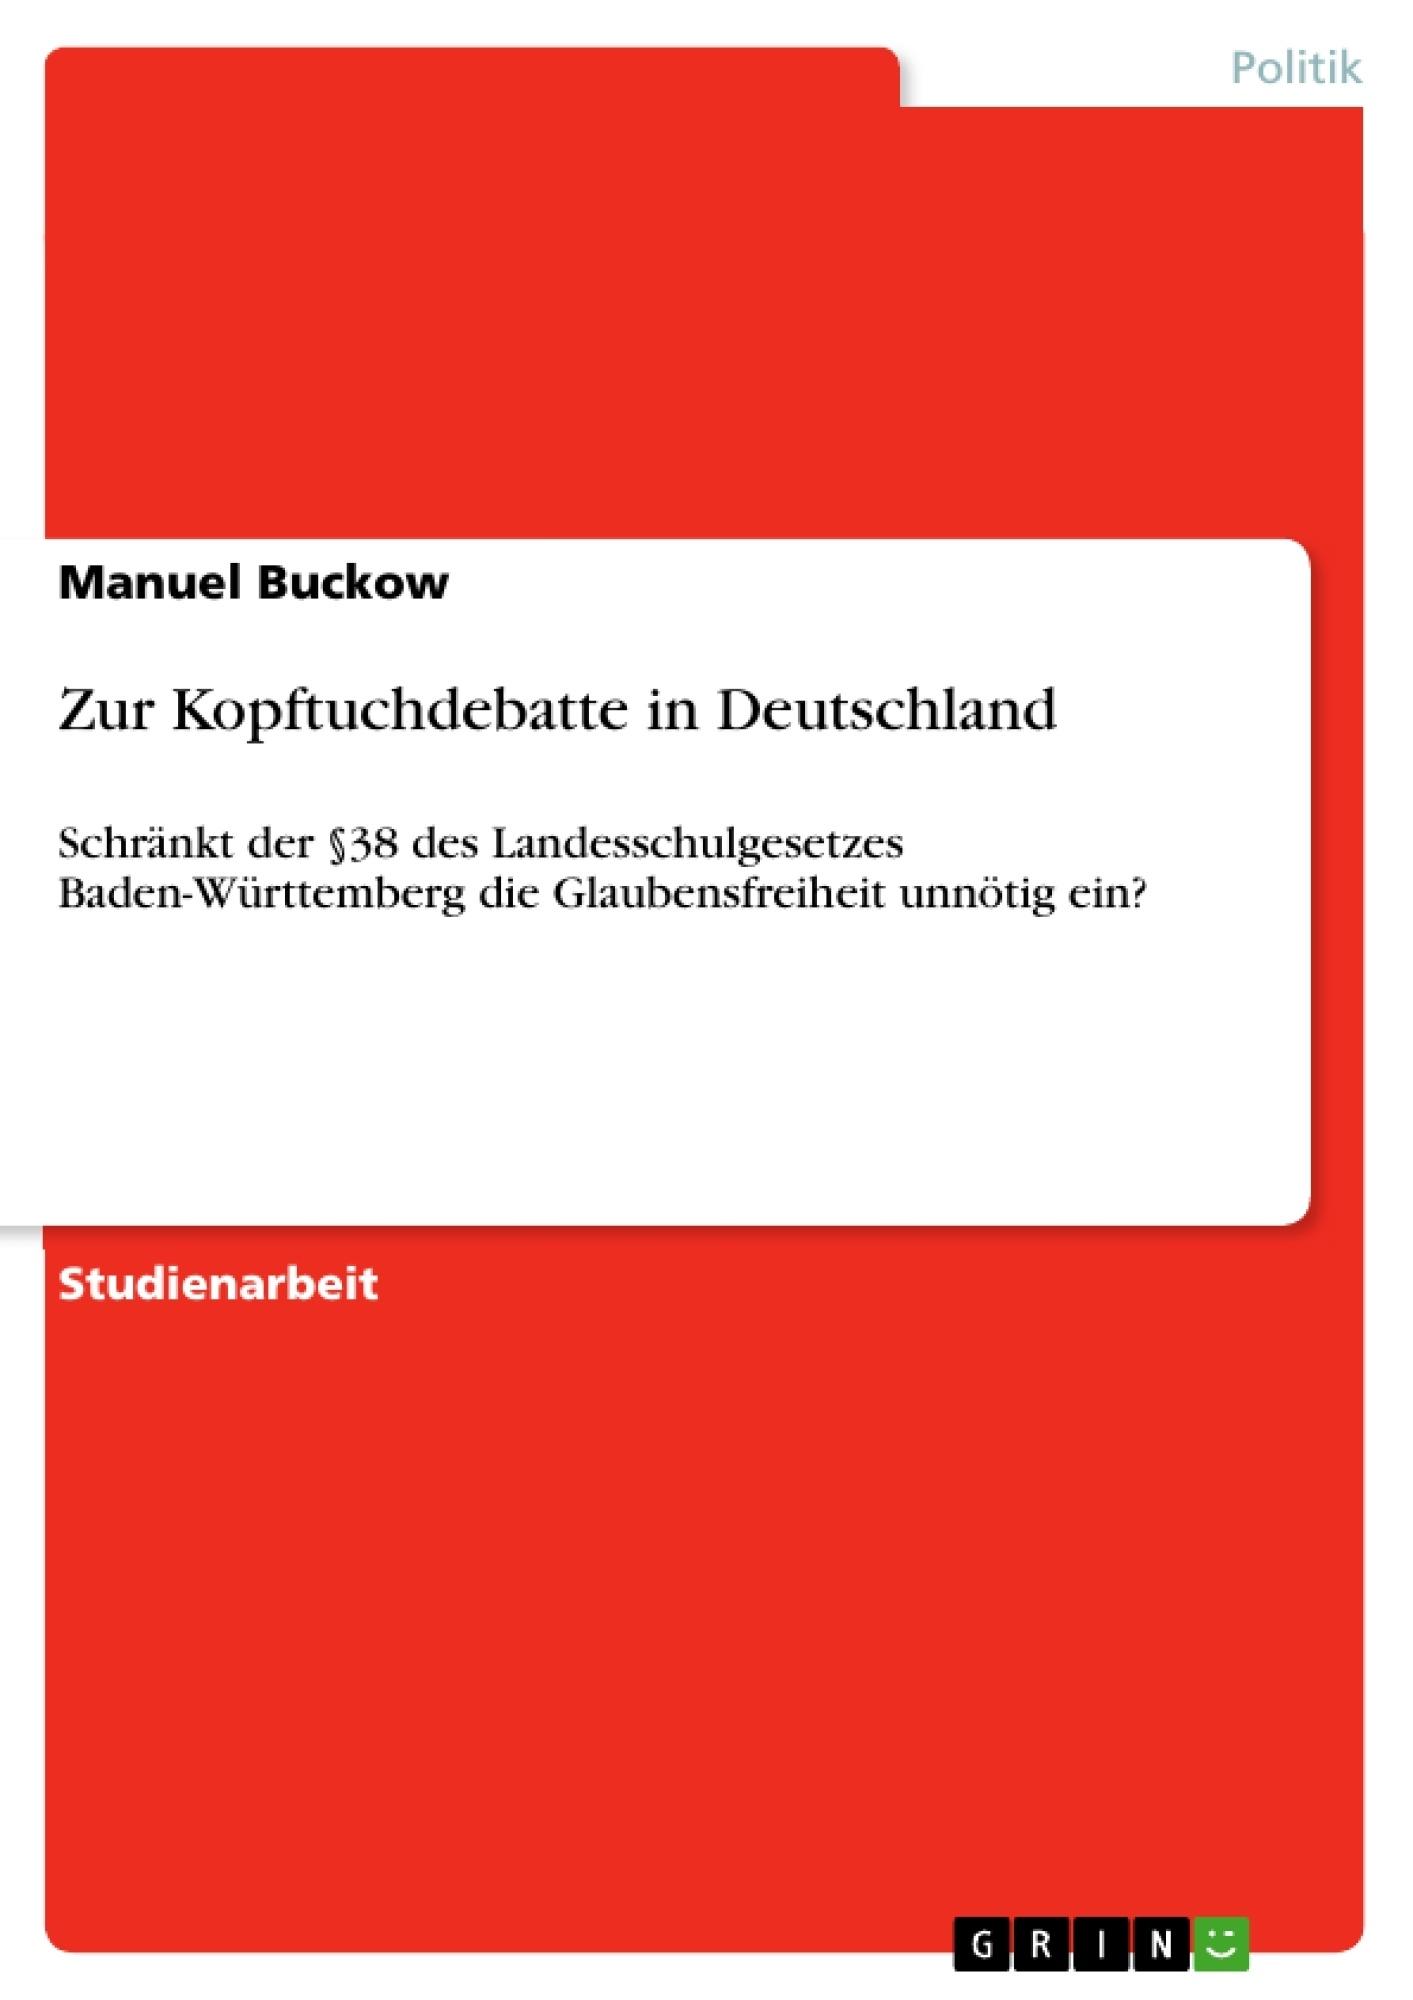 Titel: Zur Kopftuchdebatte in Deutschland